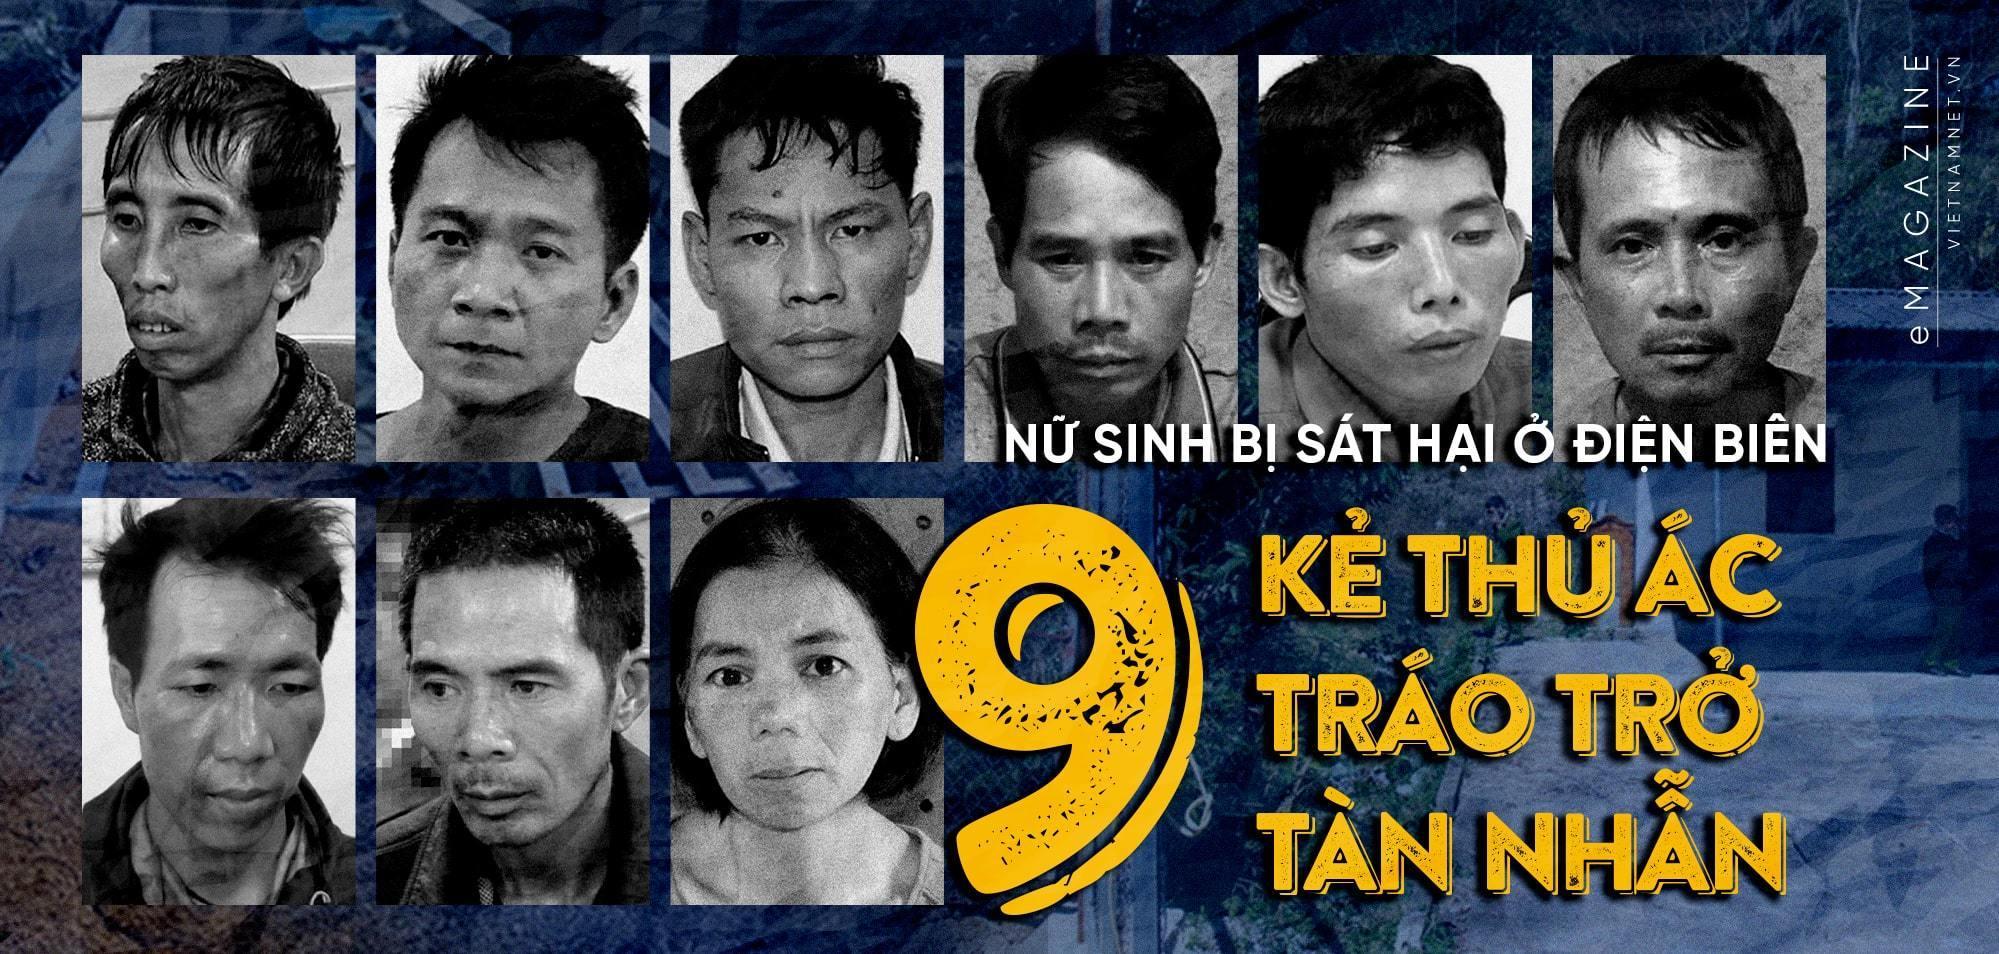 Xét xử 9 bị can vụ nữ sinh giao gà bị sát hại ở Điện Biên - Ảnh 1